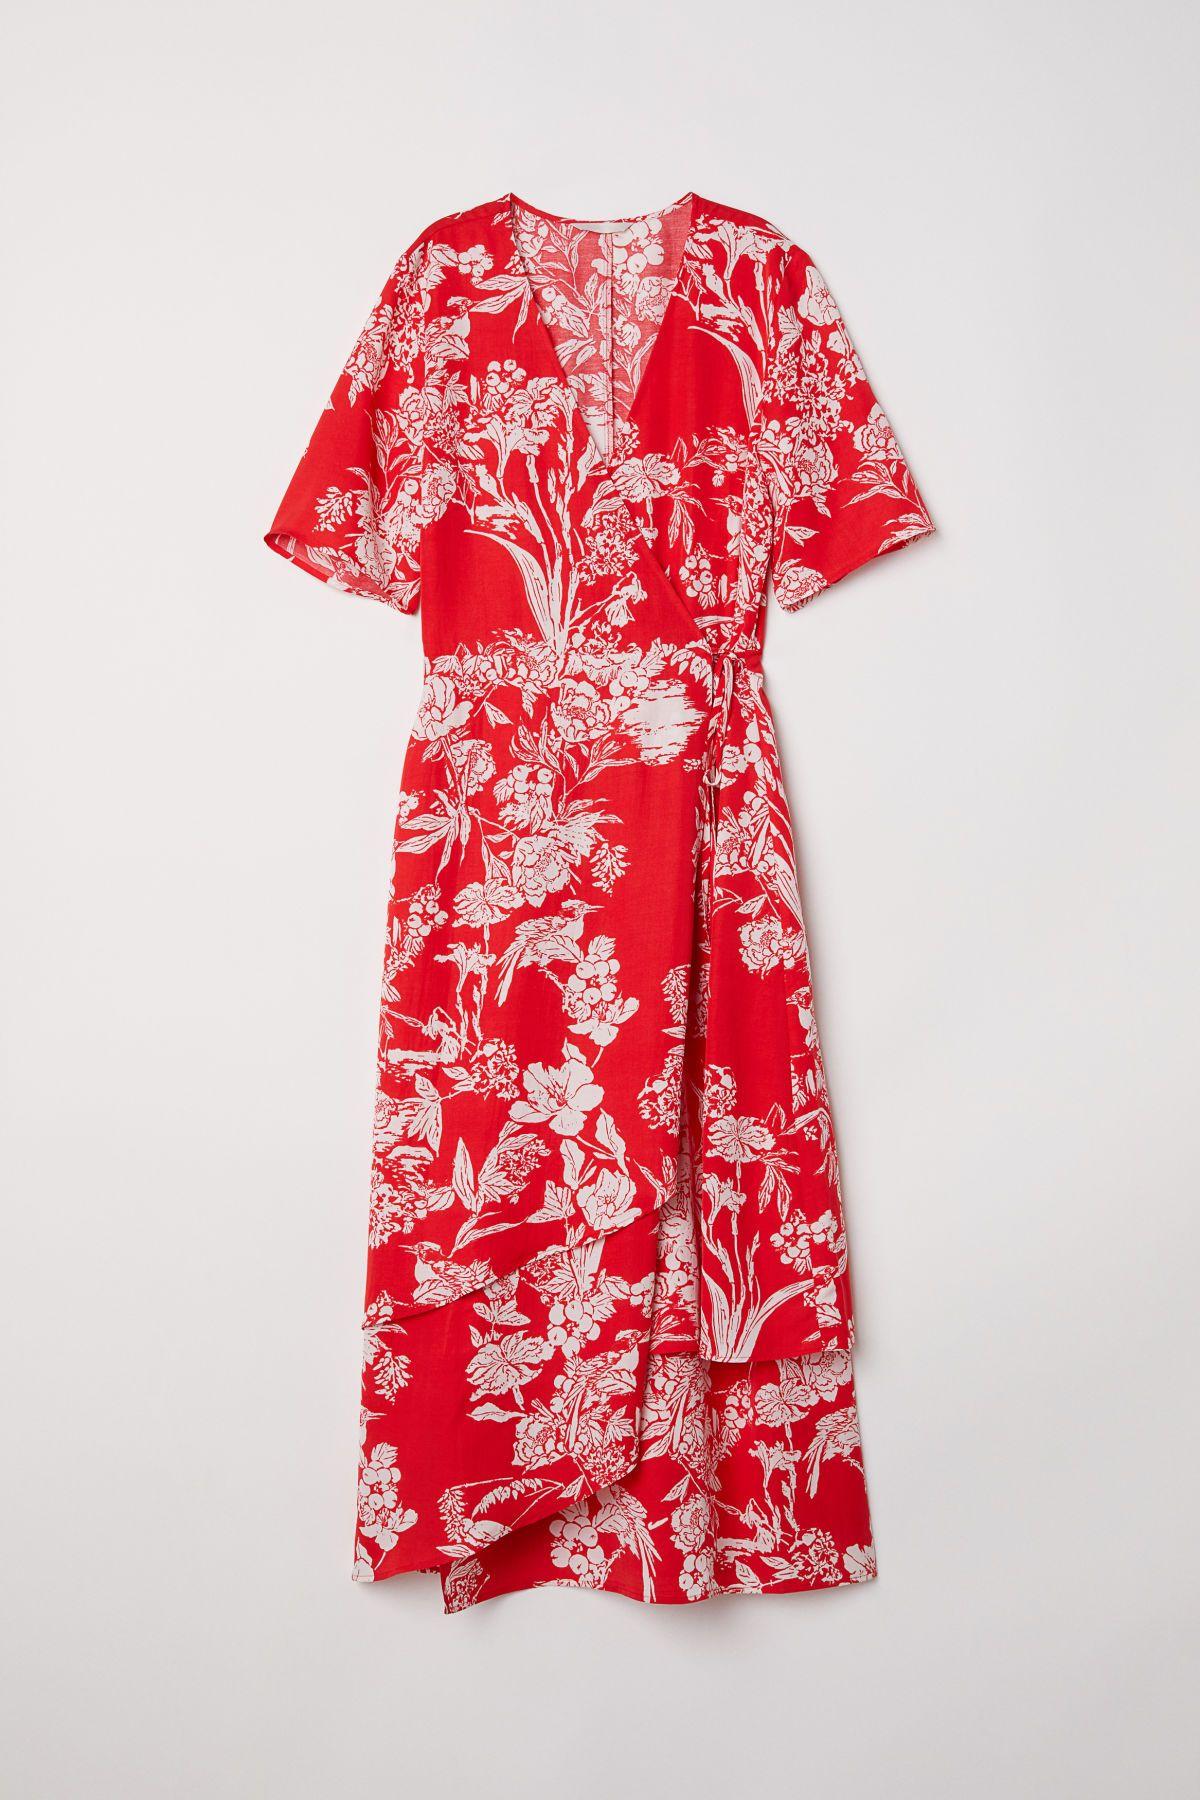 Lujoso Vestidos De Dama De Rojo Y Crema Regalo - Colección del ...